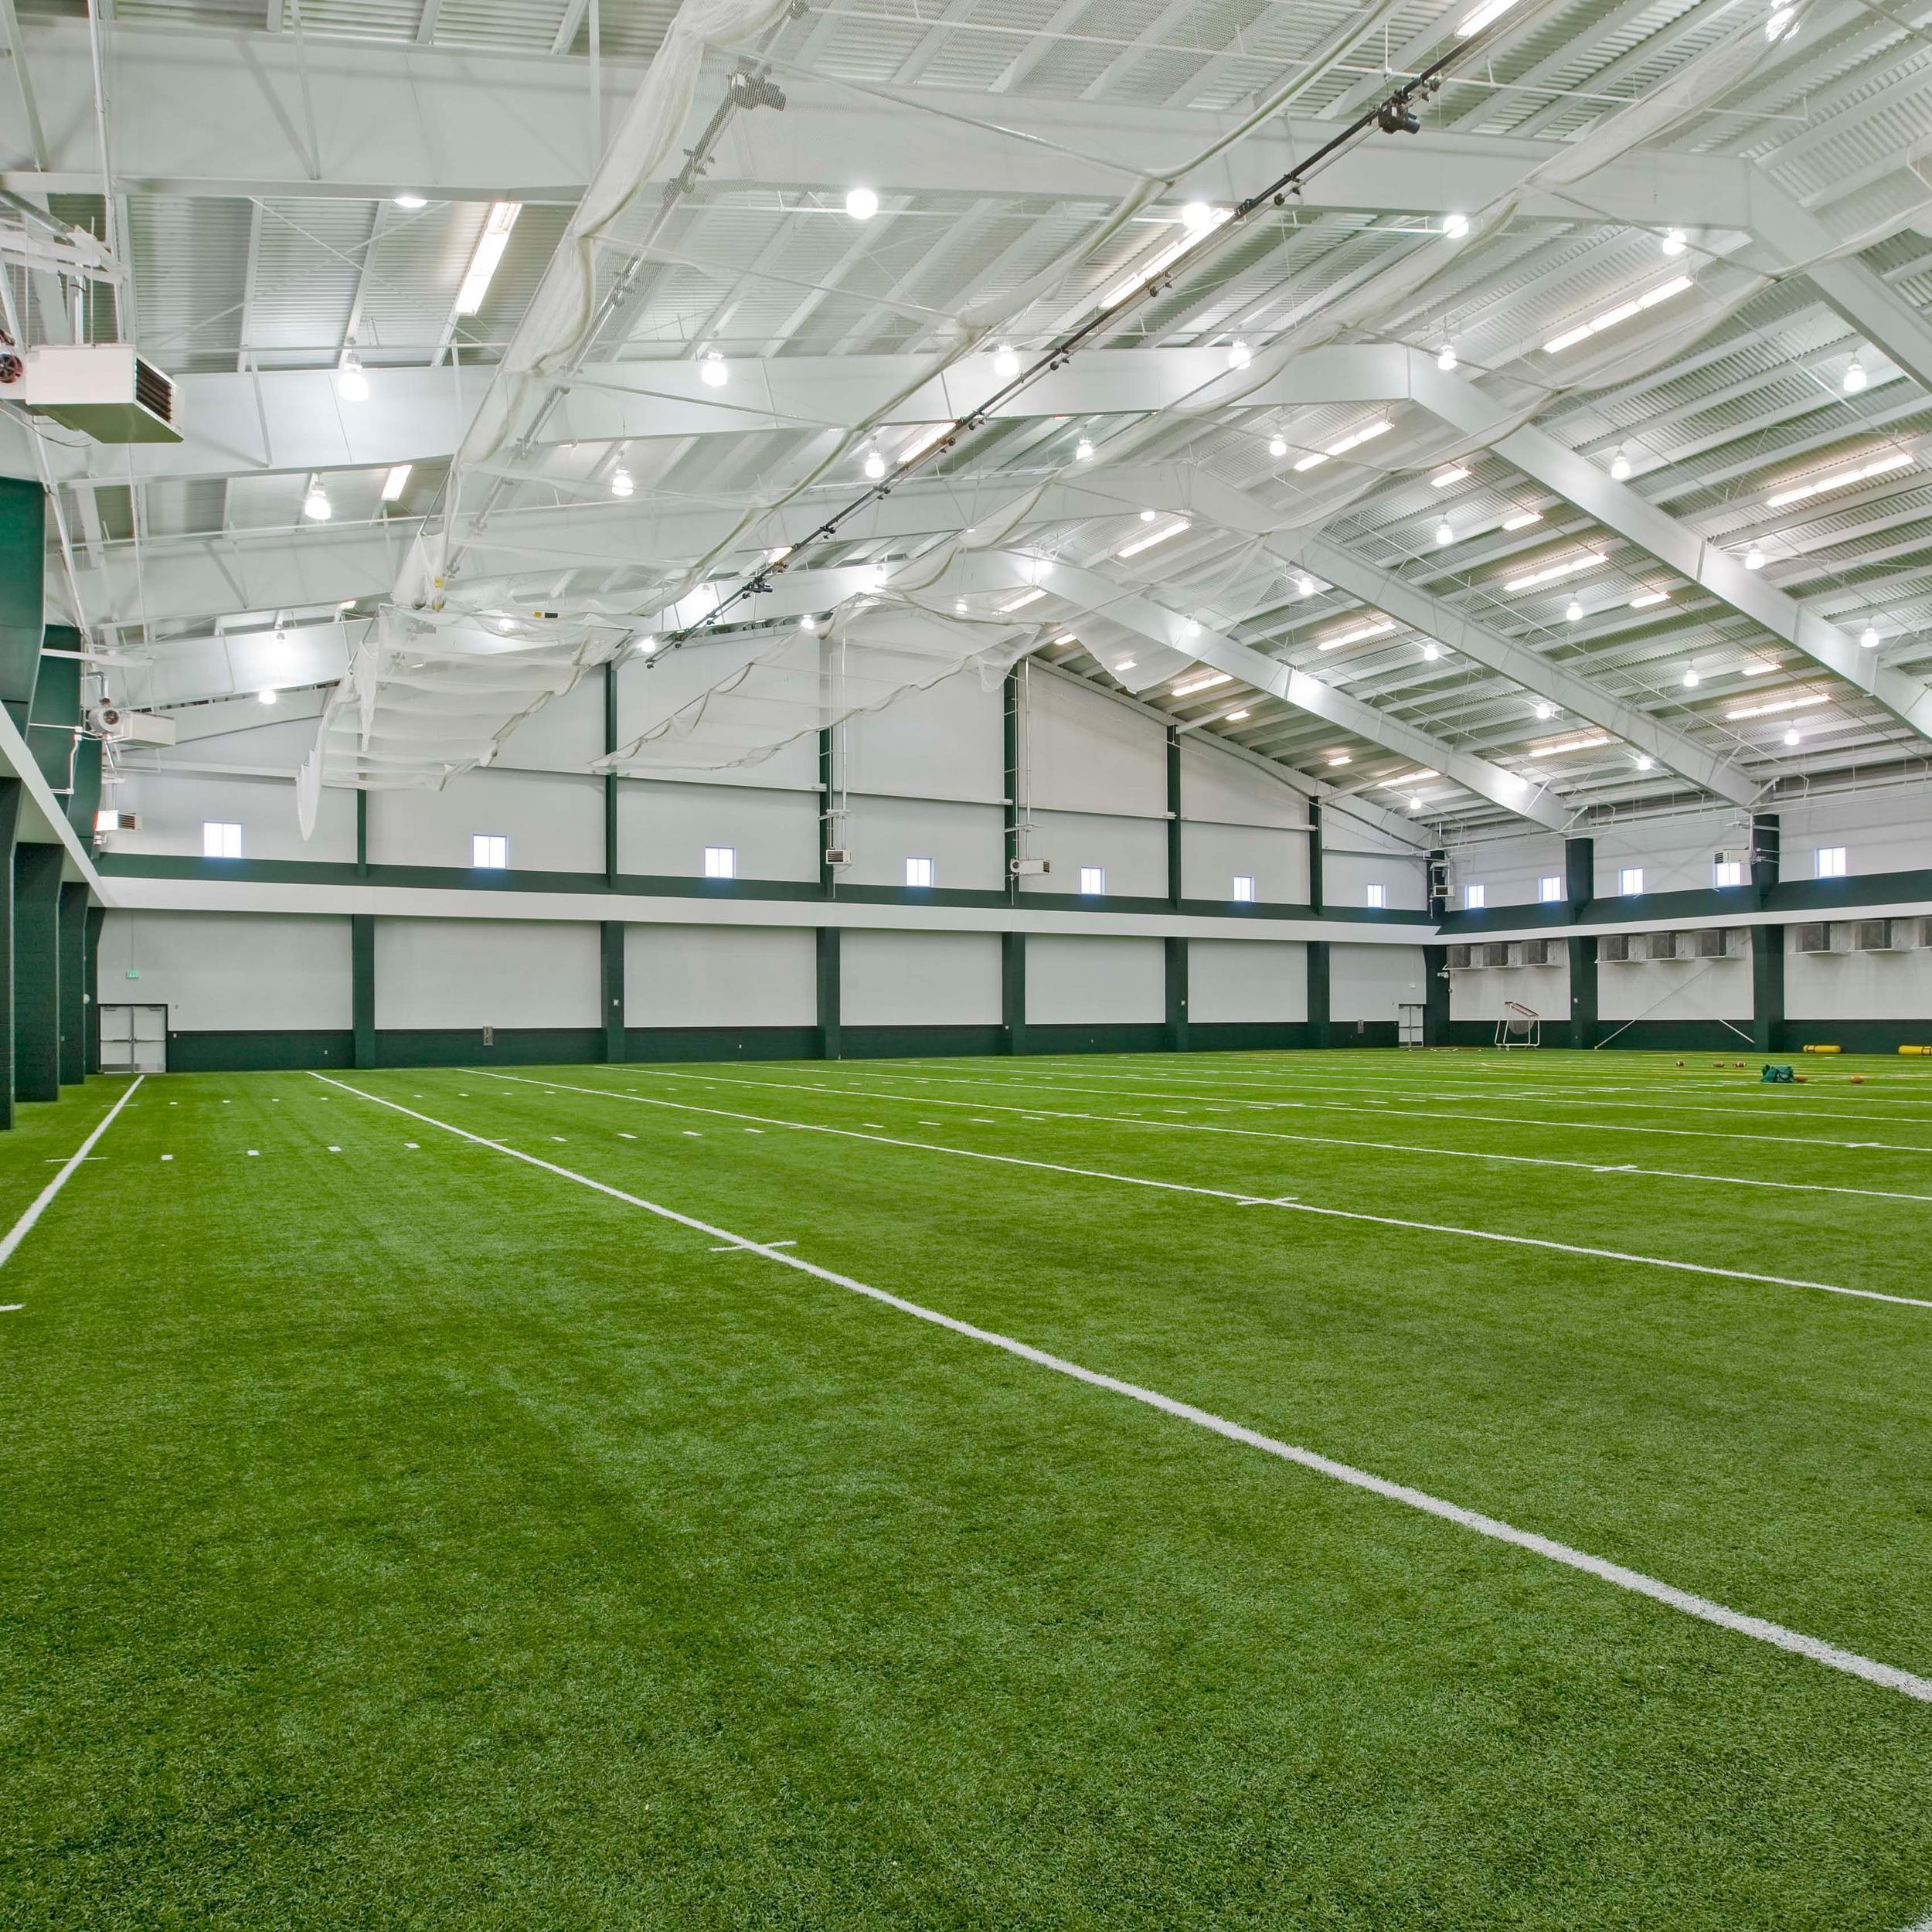 Prosper High School and Indoor Practice Arena